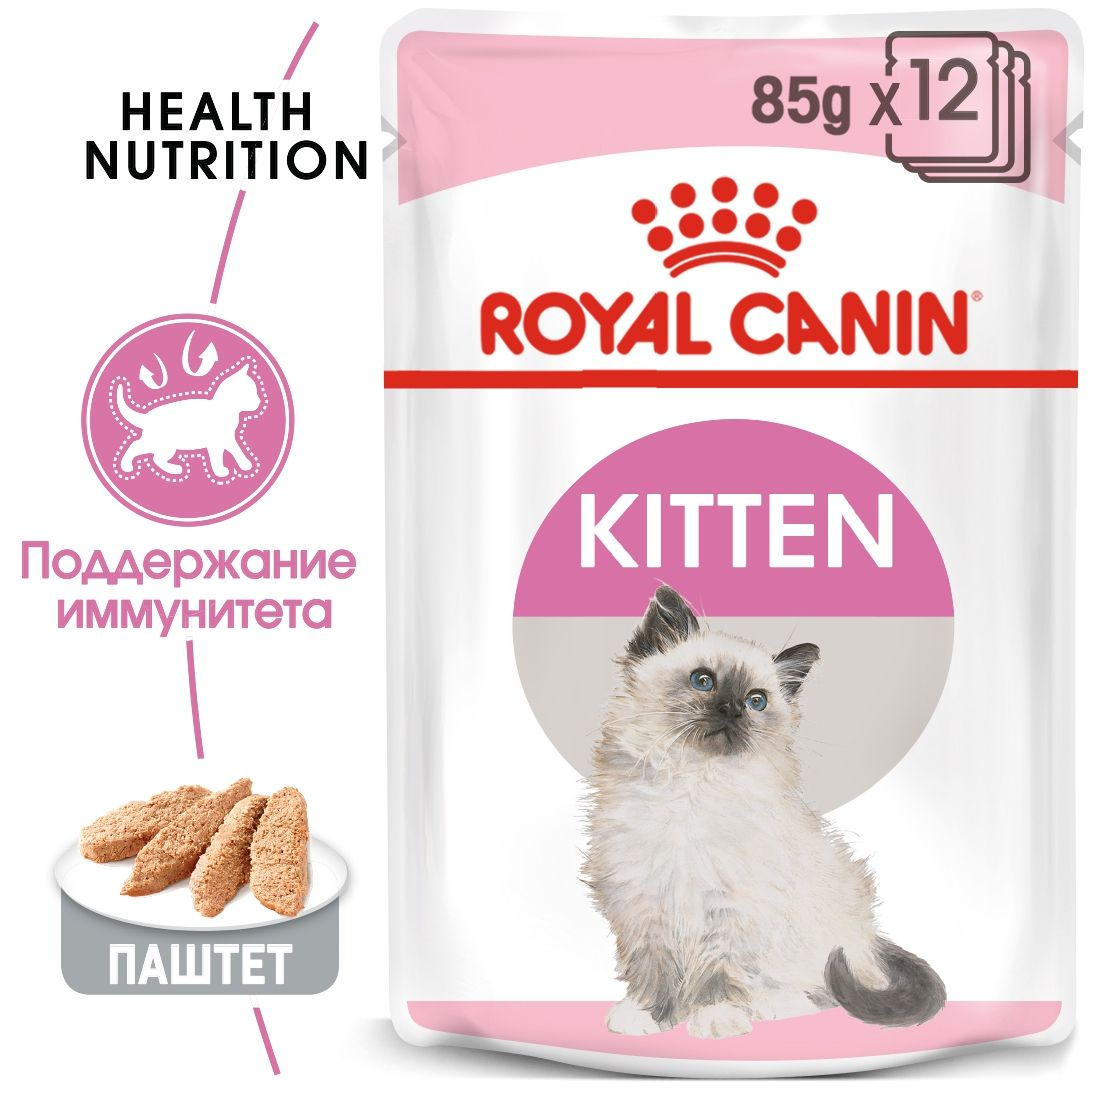 Kitten (в паштете)